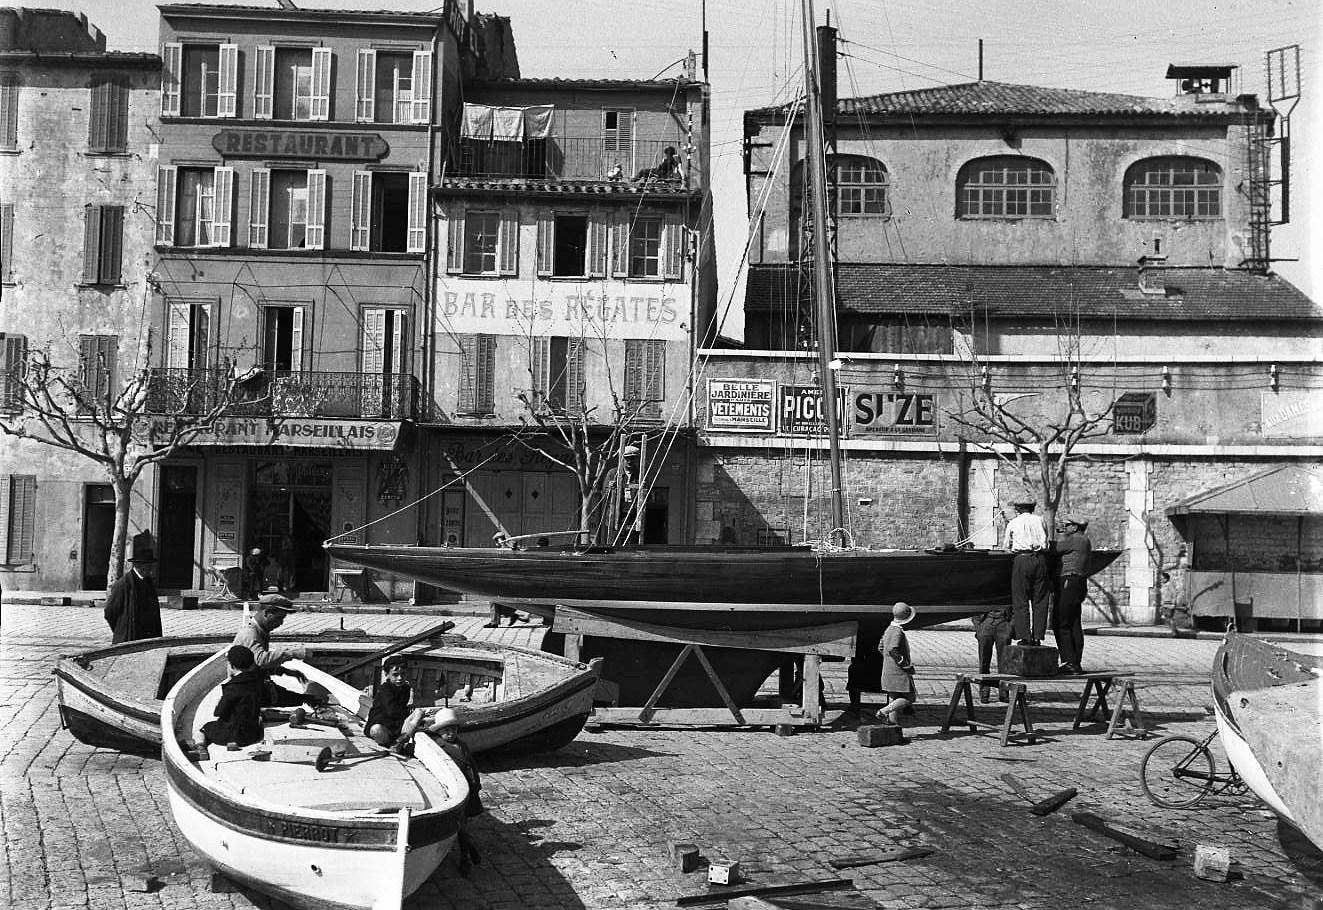 Nous sommes en 1931, les pêcheurs entretiennent encore leurs barques sur les quais tandis que les commerces se développent peu à peu.  - 6/04/1931